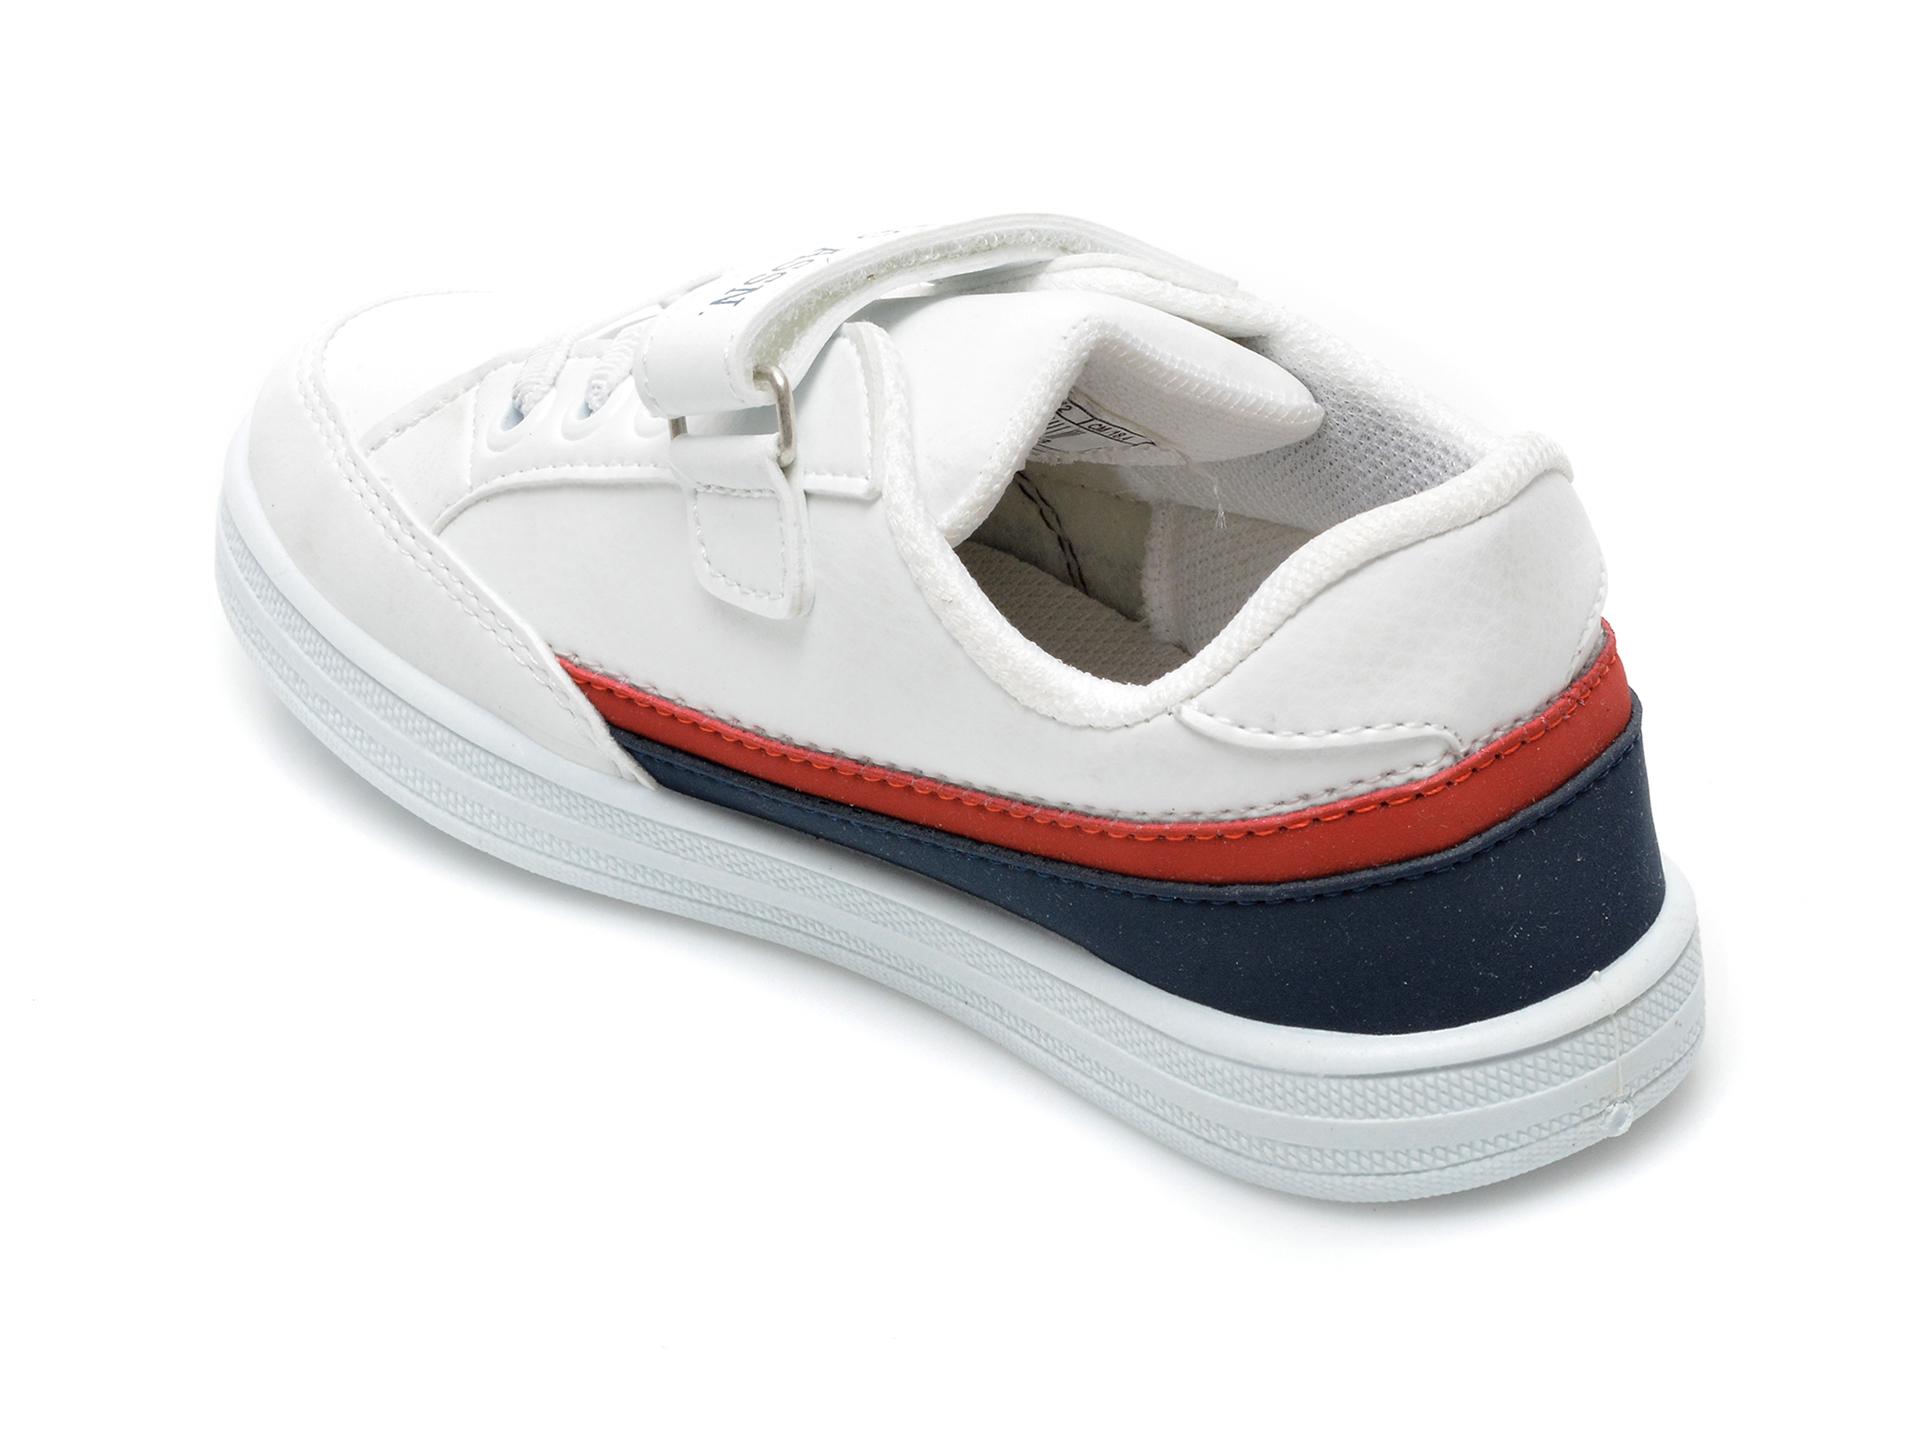 Pantofi sport US POLO ASSN albi, JAMA1FX, din piele ecologica - 5